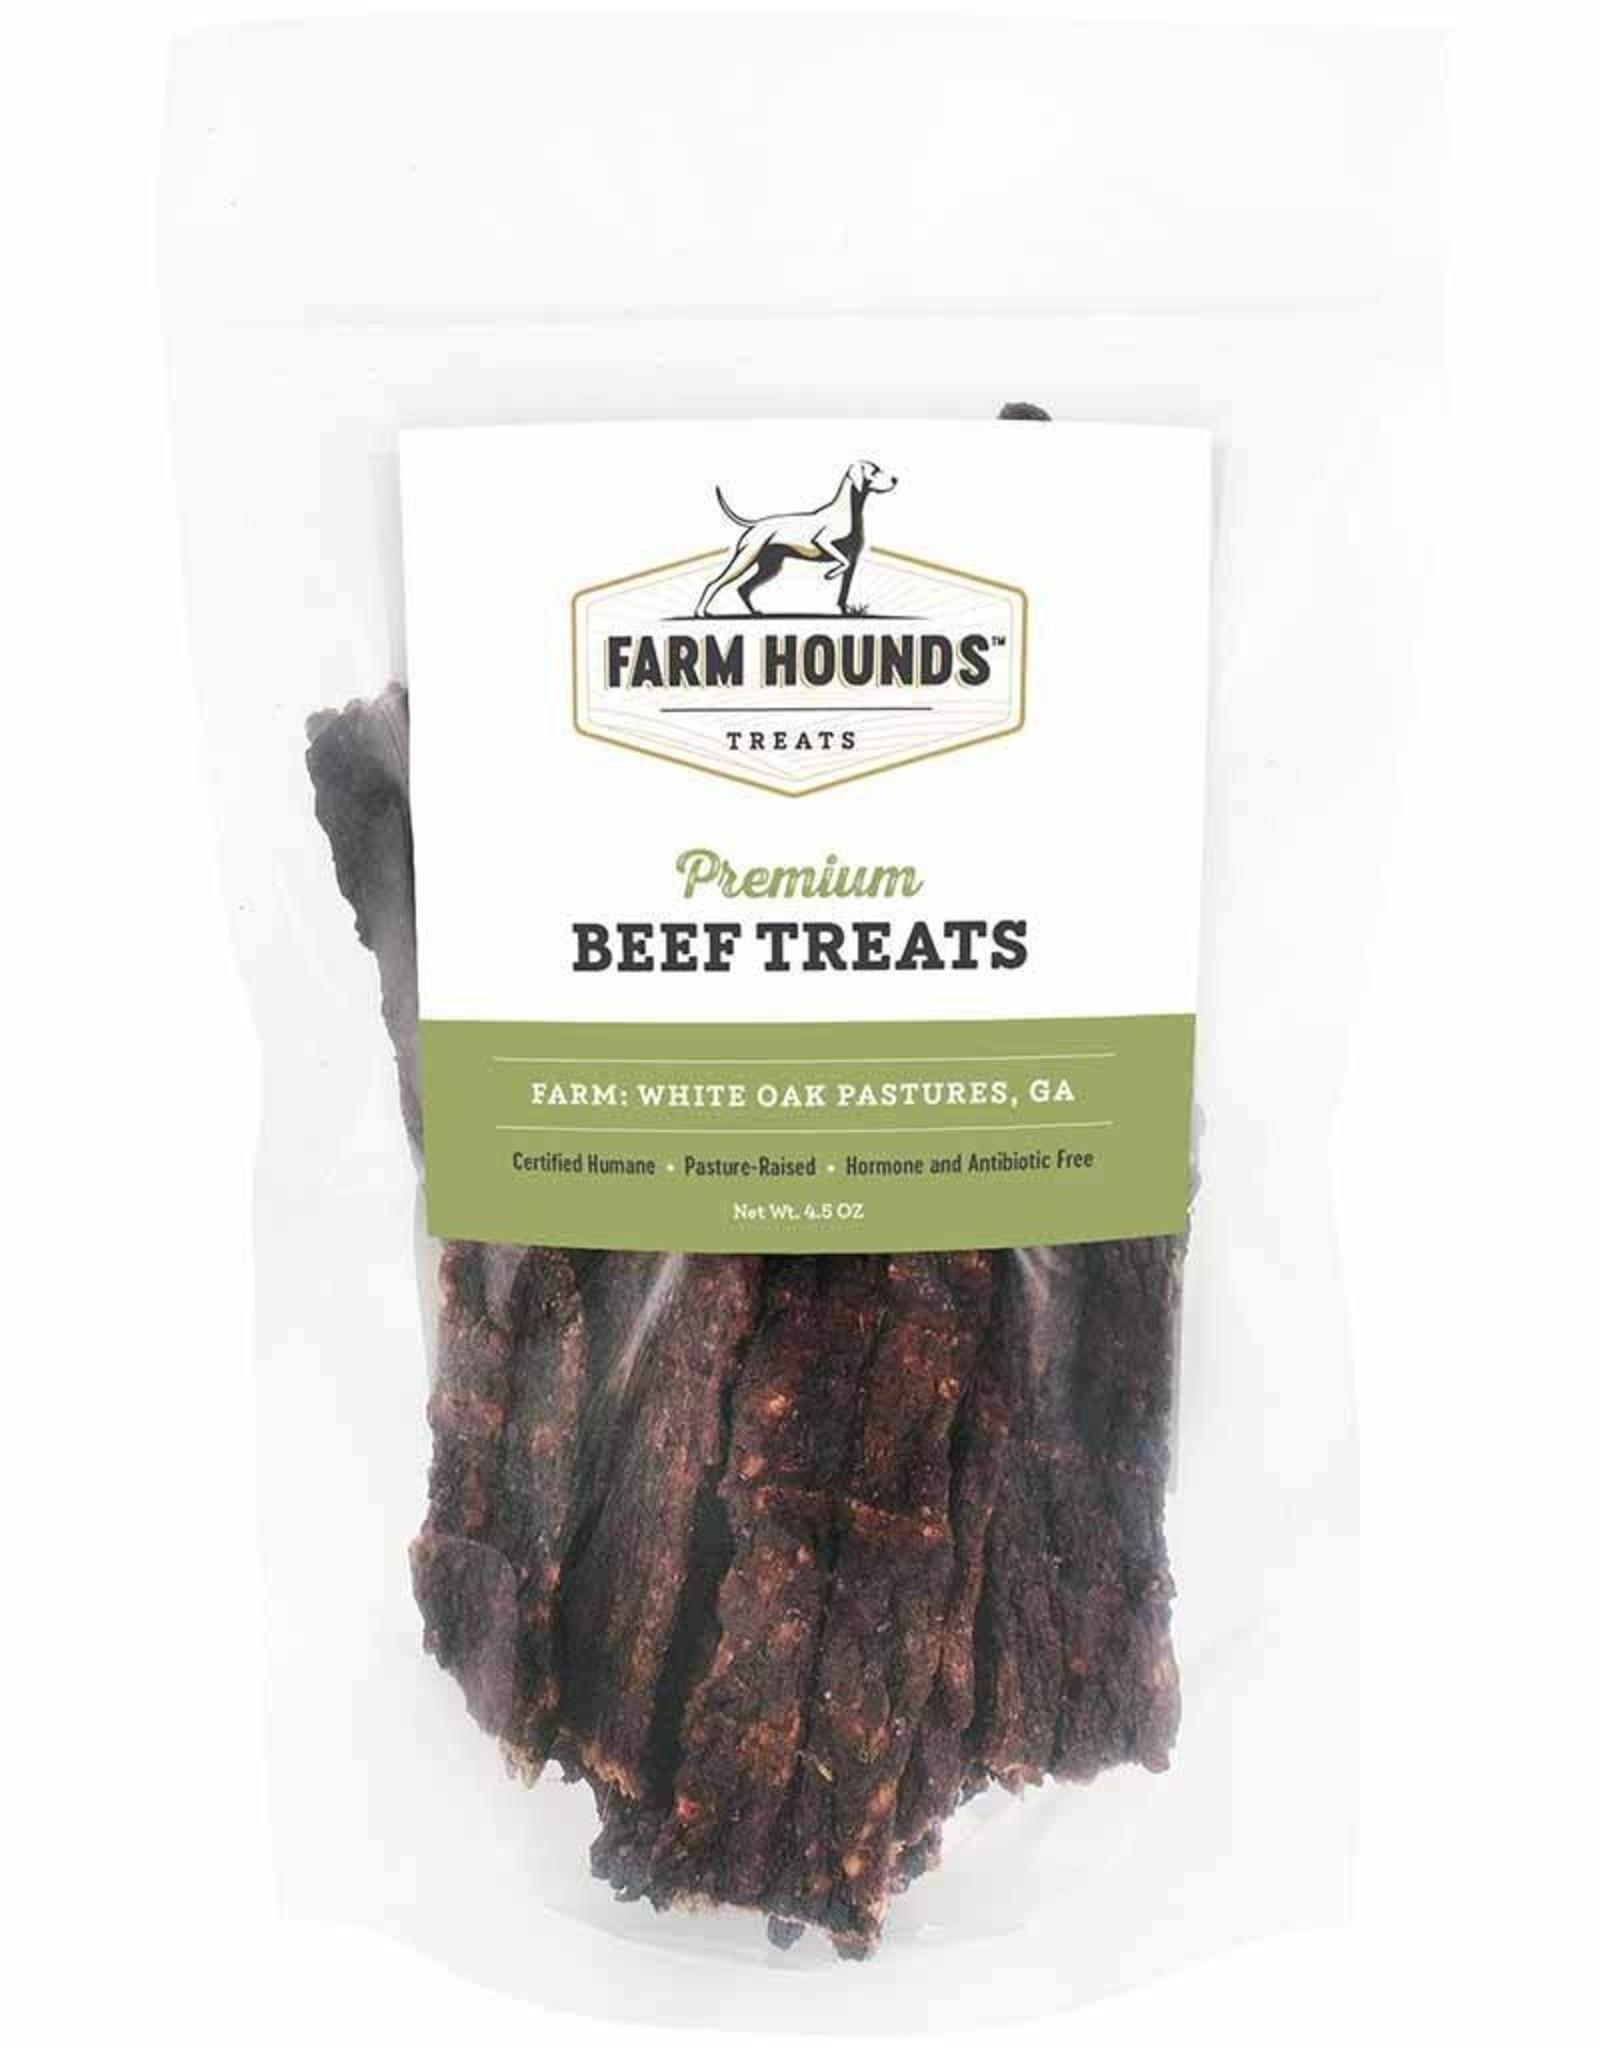 farm hounds FarmHounds Dog Treats Beef Treats